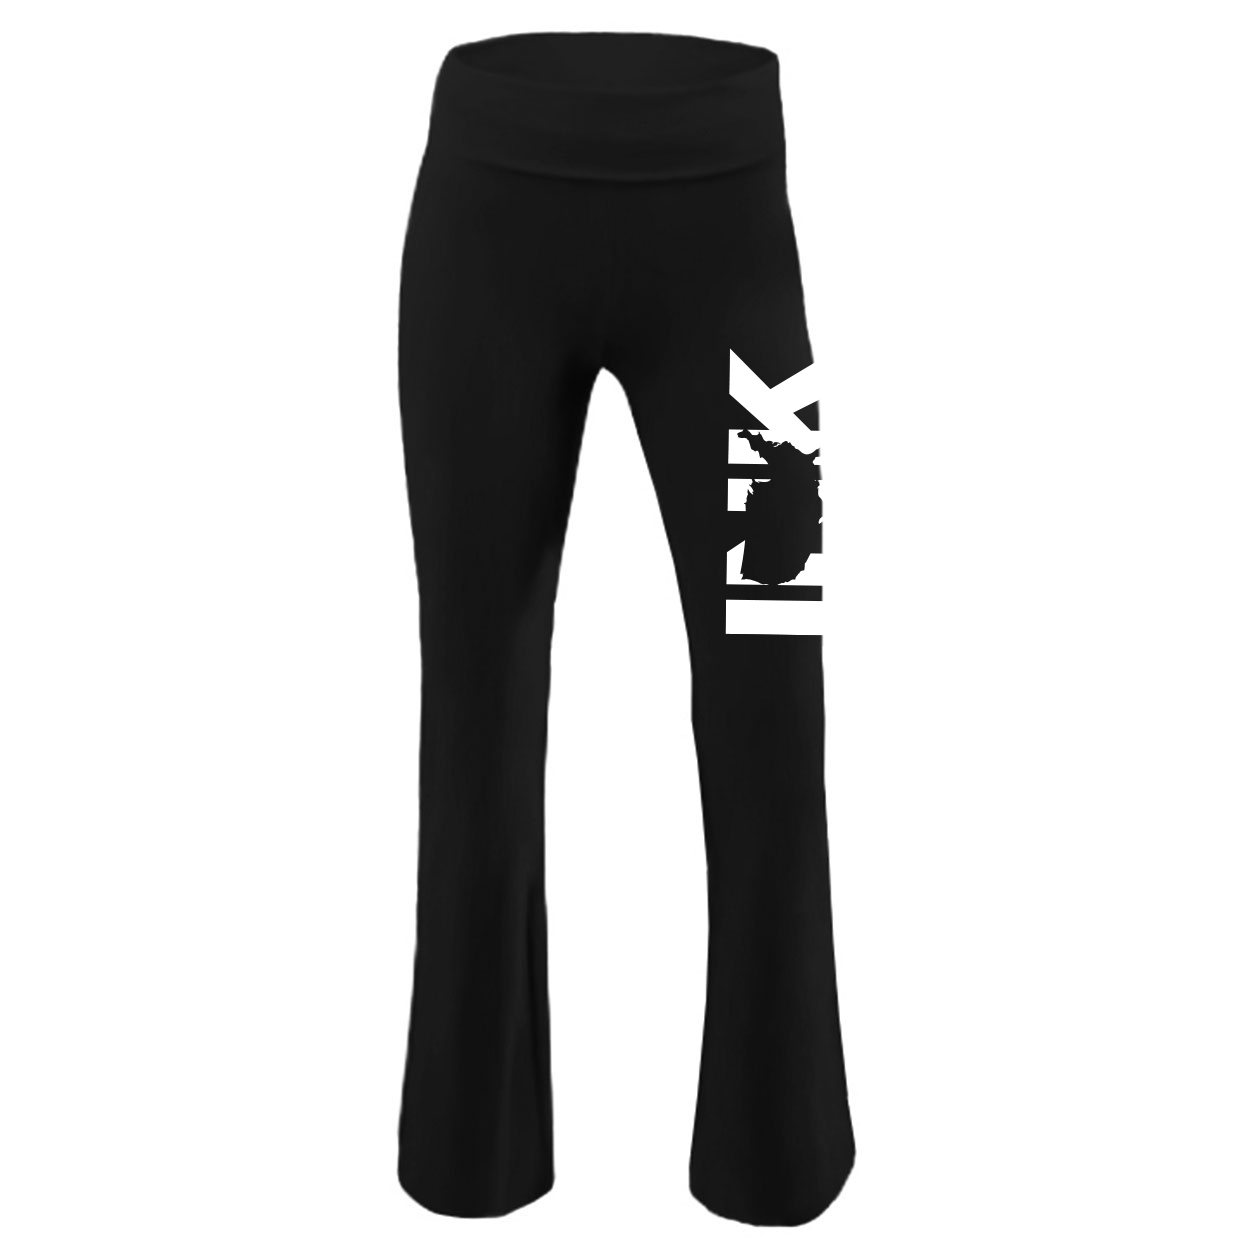 Ink United States Classic Youth Girls Yoga Pants Black (White Logo)